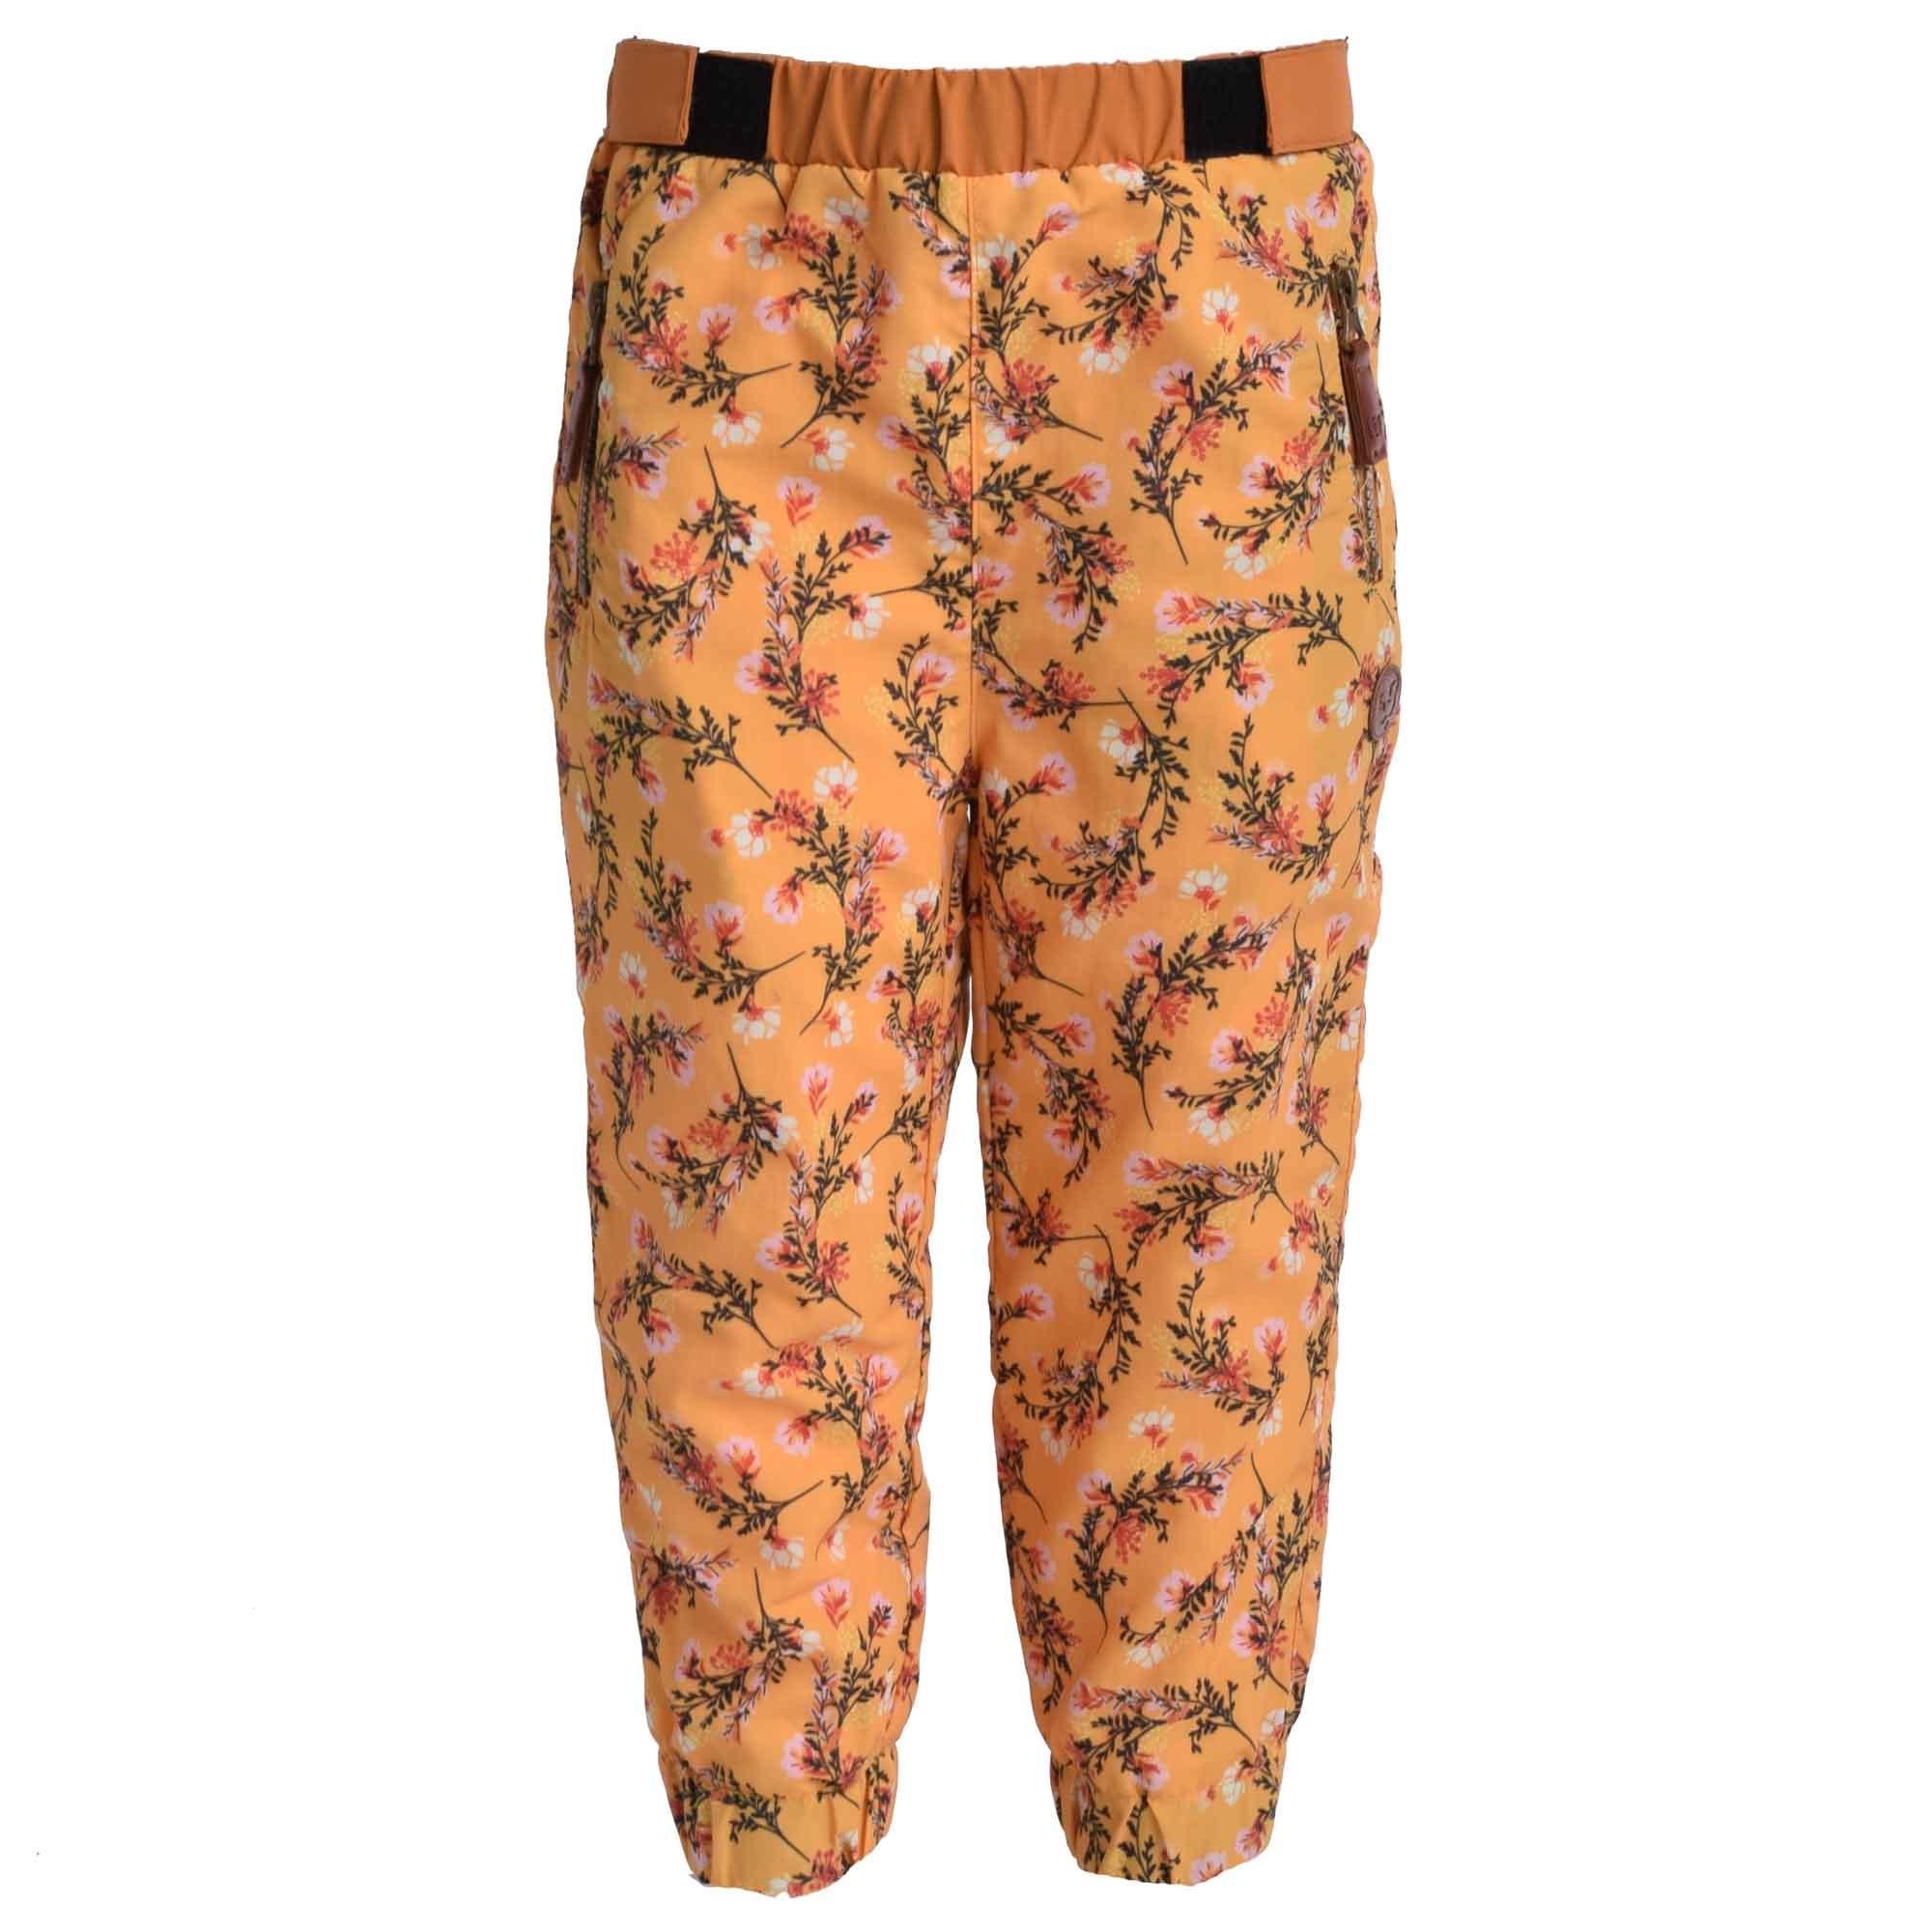 Pantalon D'Extérieur doublé Polar - MANILLE-7